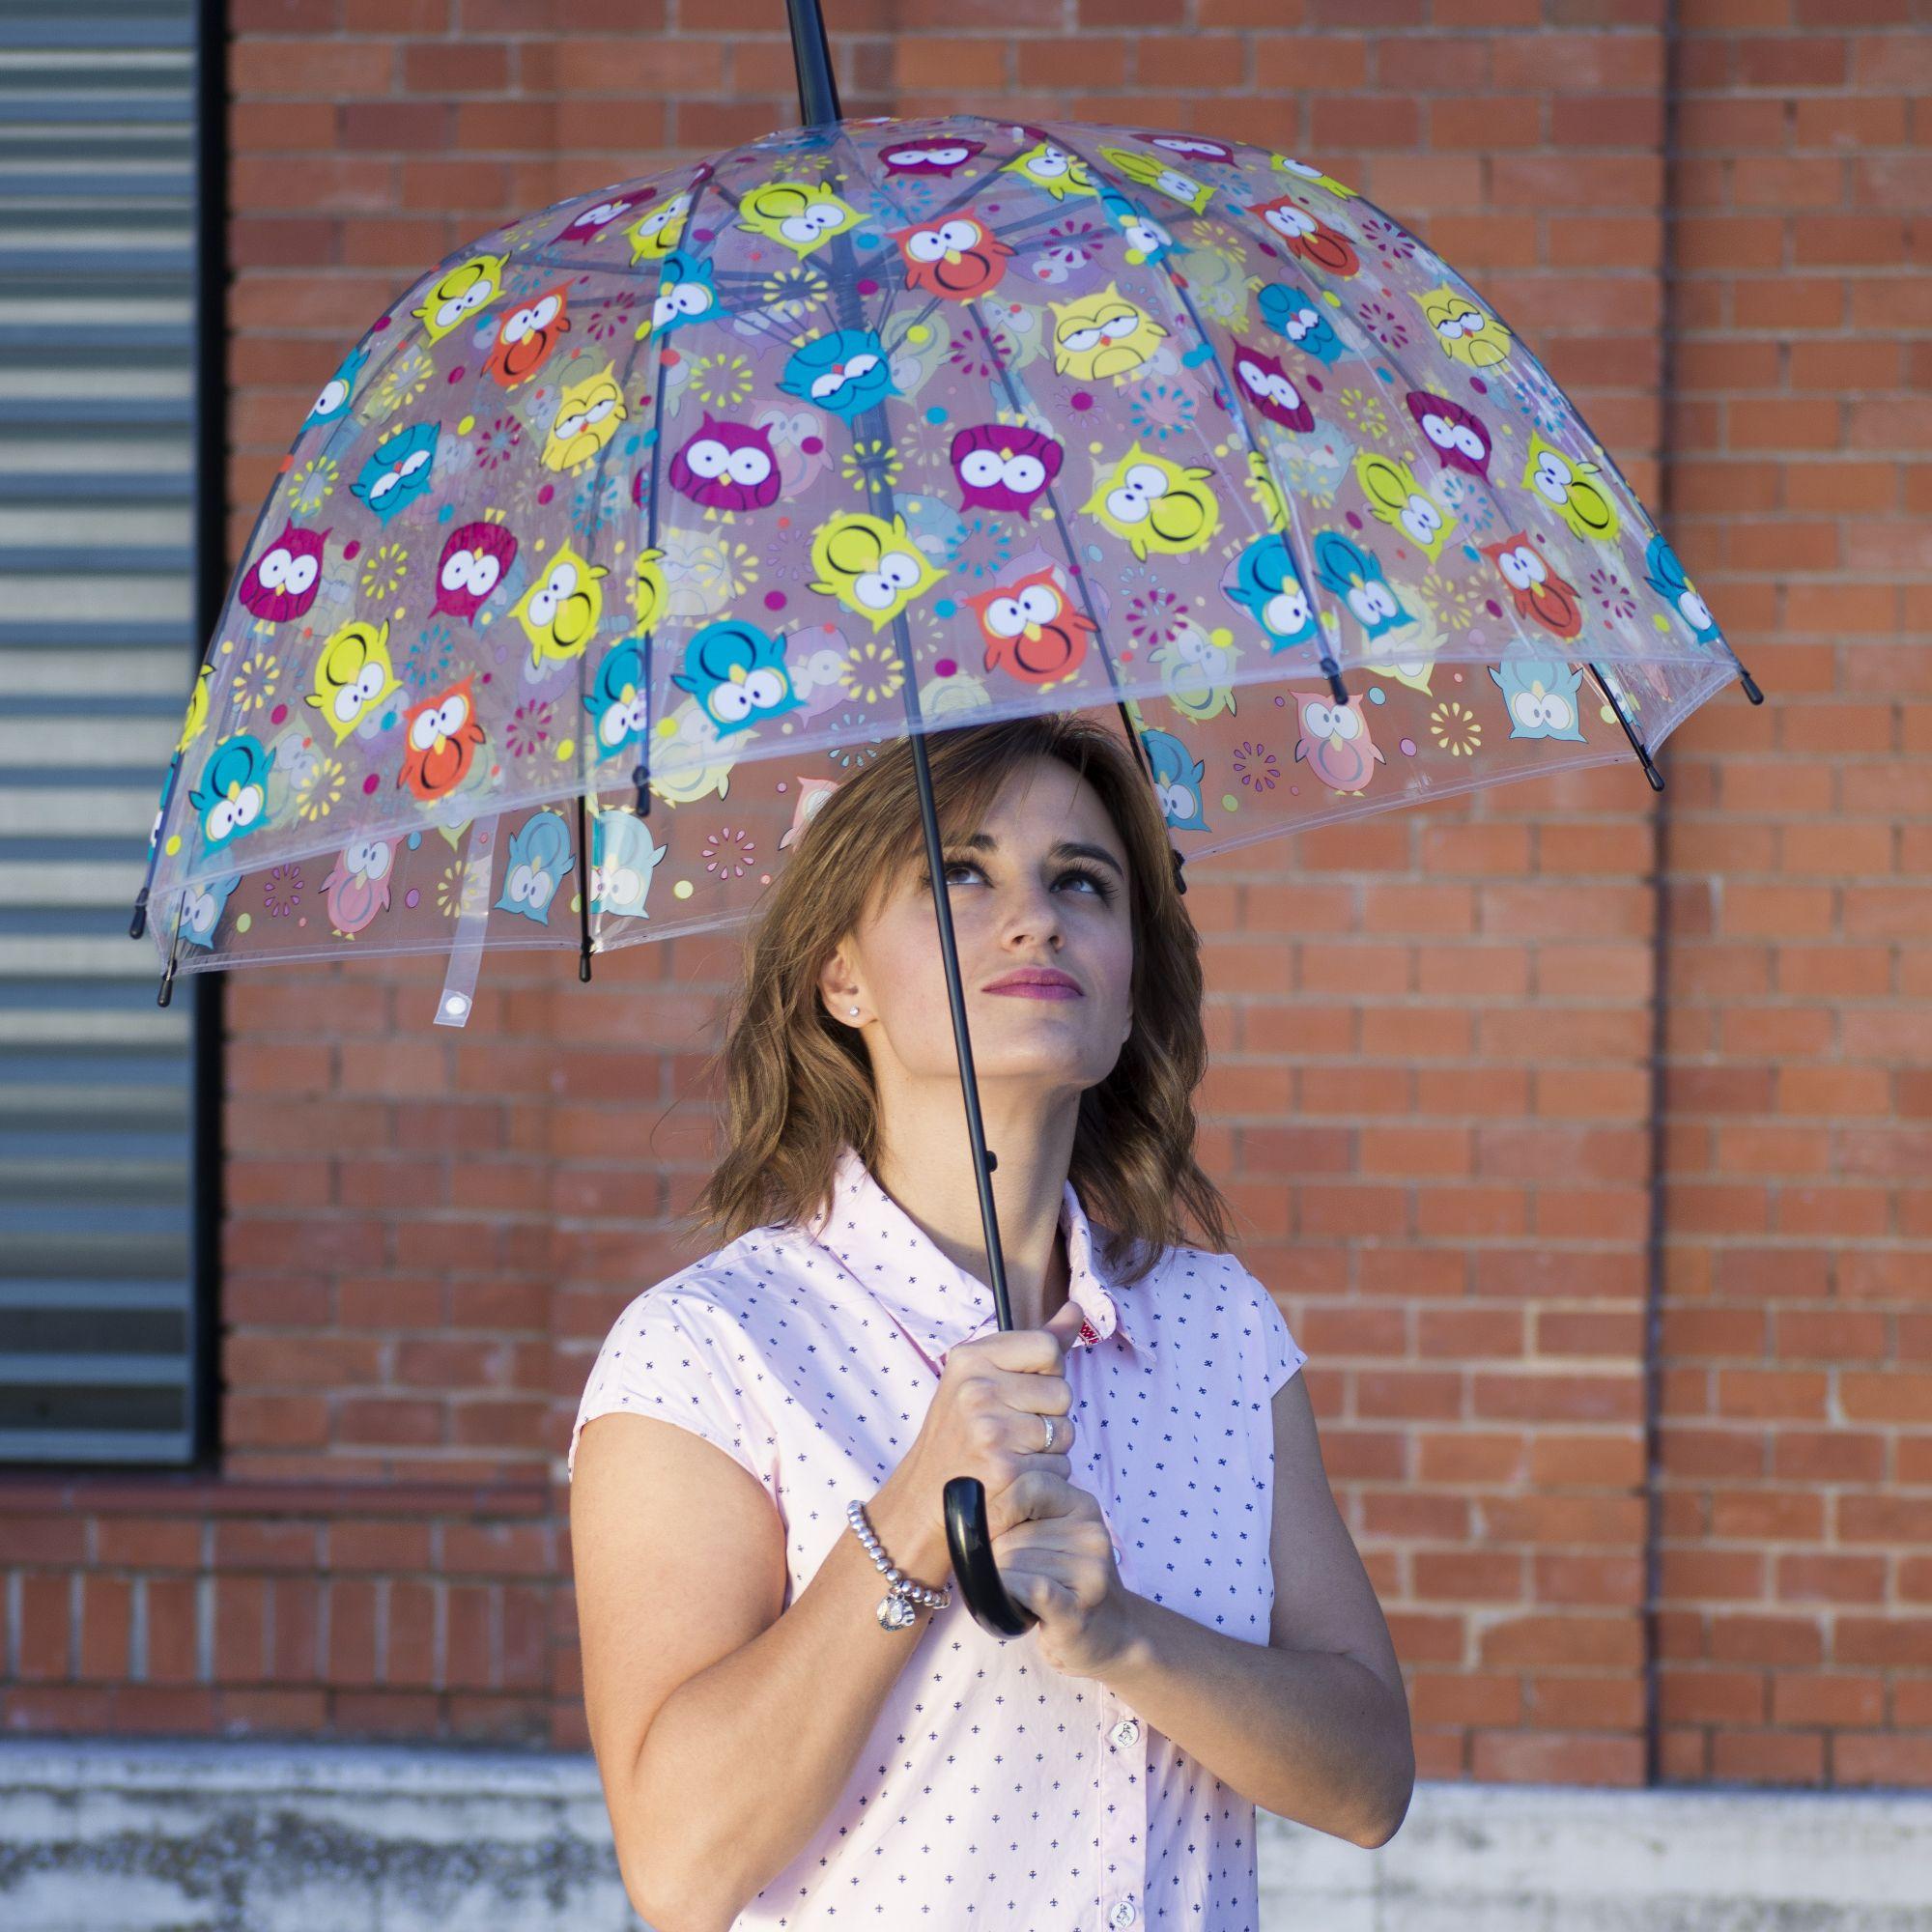 Búhos amorosos en un paraguas transparente